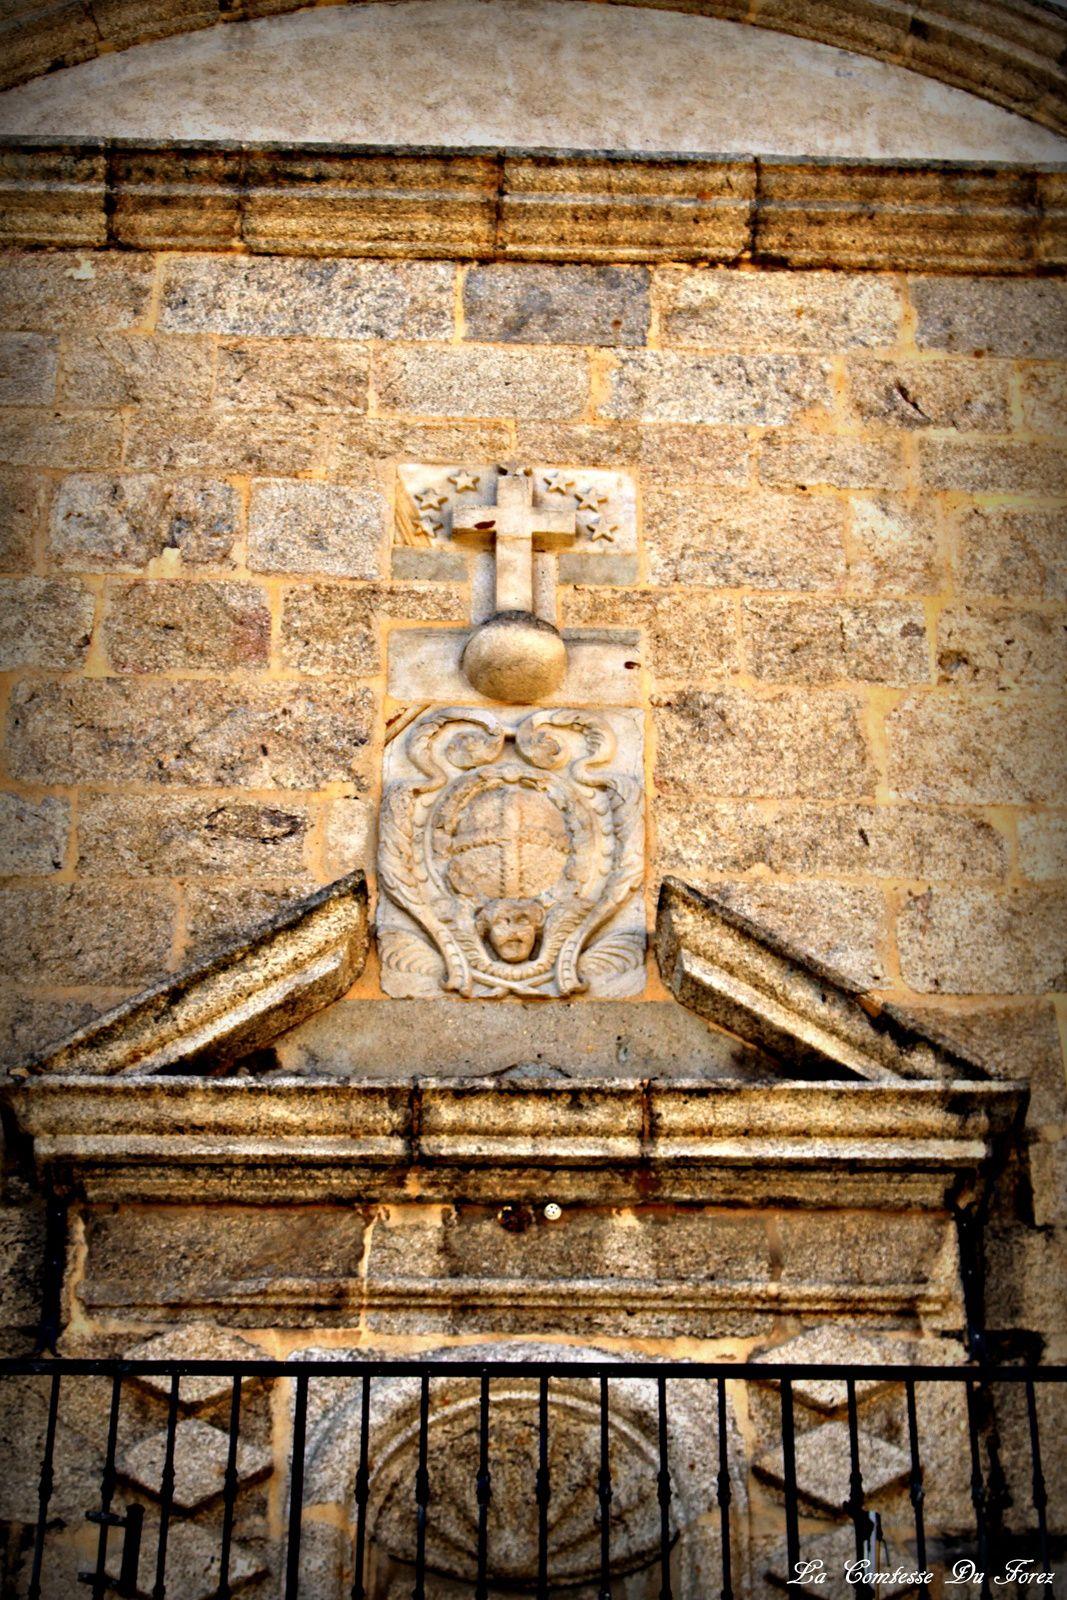 La Chartreuse se présente sous la forme d'un mur de 115 mètres de long, flanqué de tours à chaque extrémité. Au centre l'entrée principale permet de pénétrer dans la première cour ou Cour des Frères. À l'origine le mur était aveugle, seulement percé de meurtrières. Leur forme rappelle le blason de l'ordre des chartreux : le globe surmonté de la Croix. Son aspect actuel date du XVIè siècle.